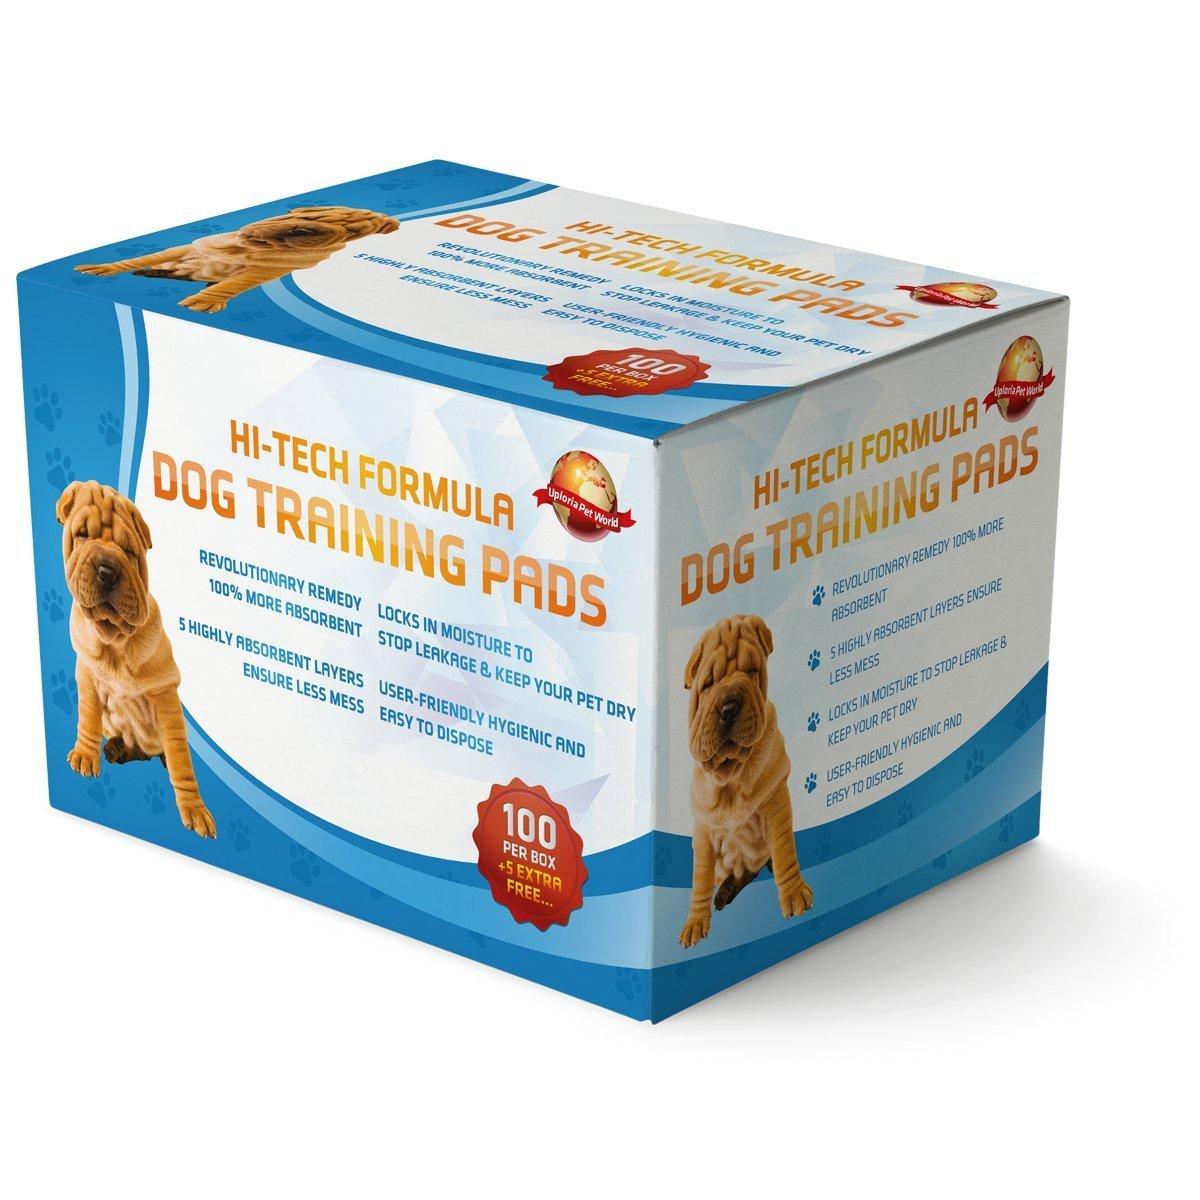 100 Empapadores Para Entrenar A Cachorros + 5 Extra GRATIS | 60 cm x 60 cm Nuevo Tamaño Superabsorbente | Esta Nueva Y Unica Solución De 5 Capas Protege Las ...